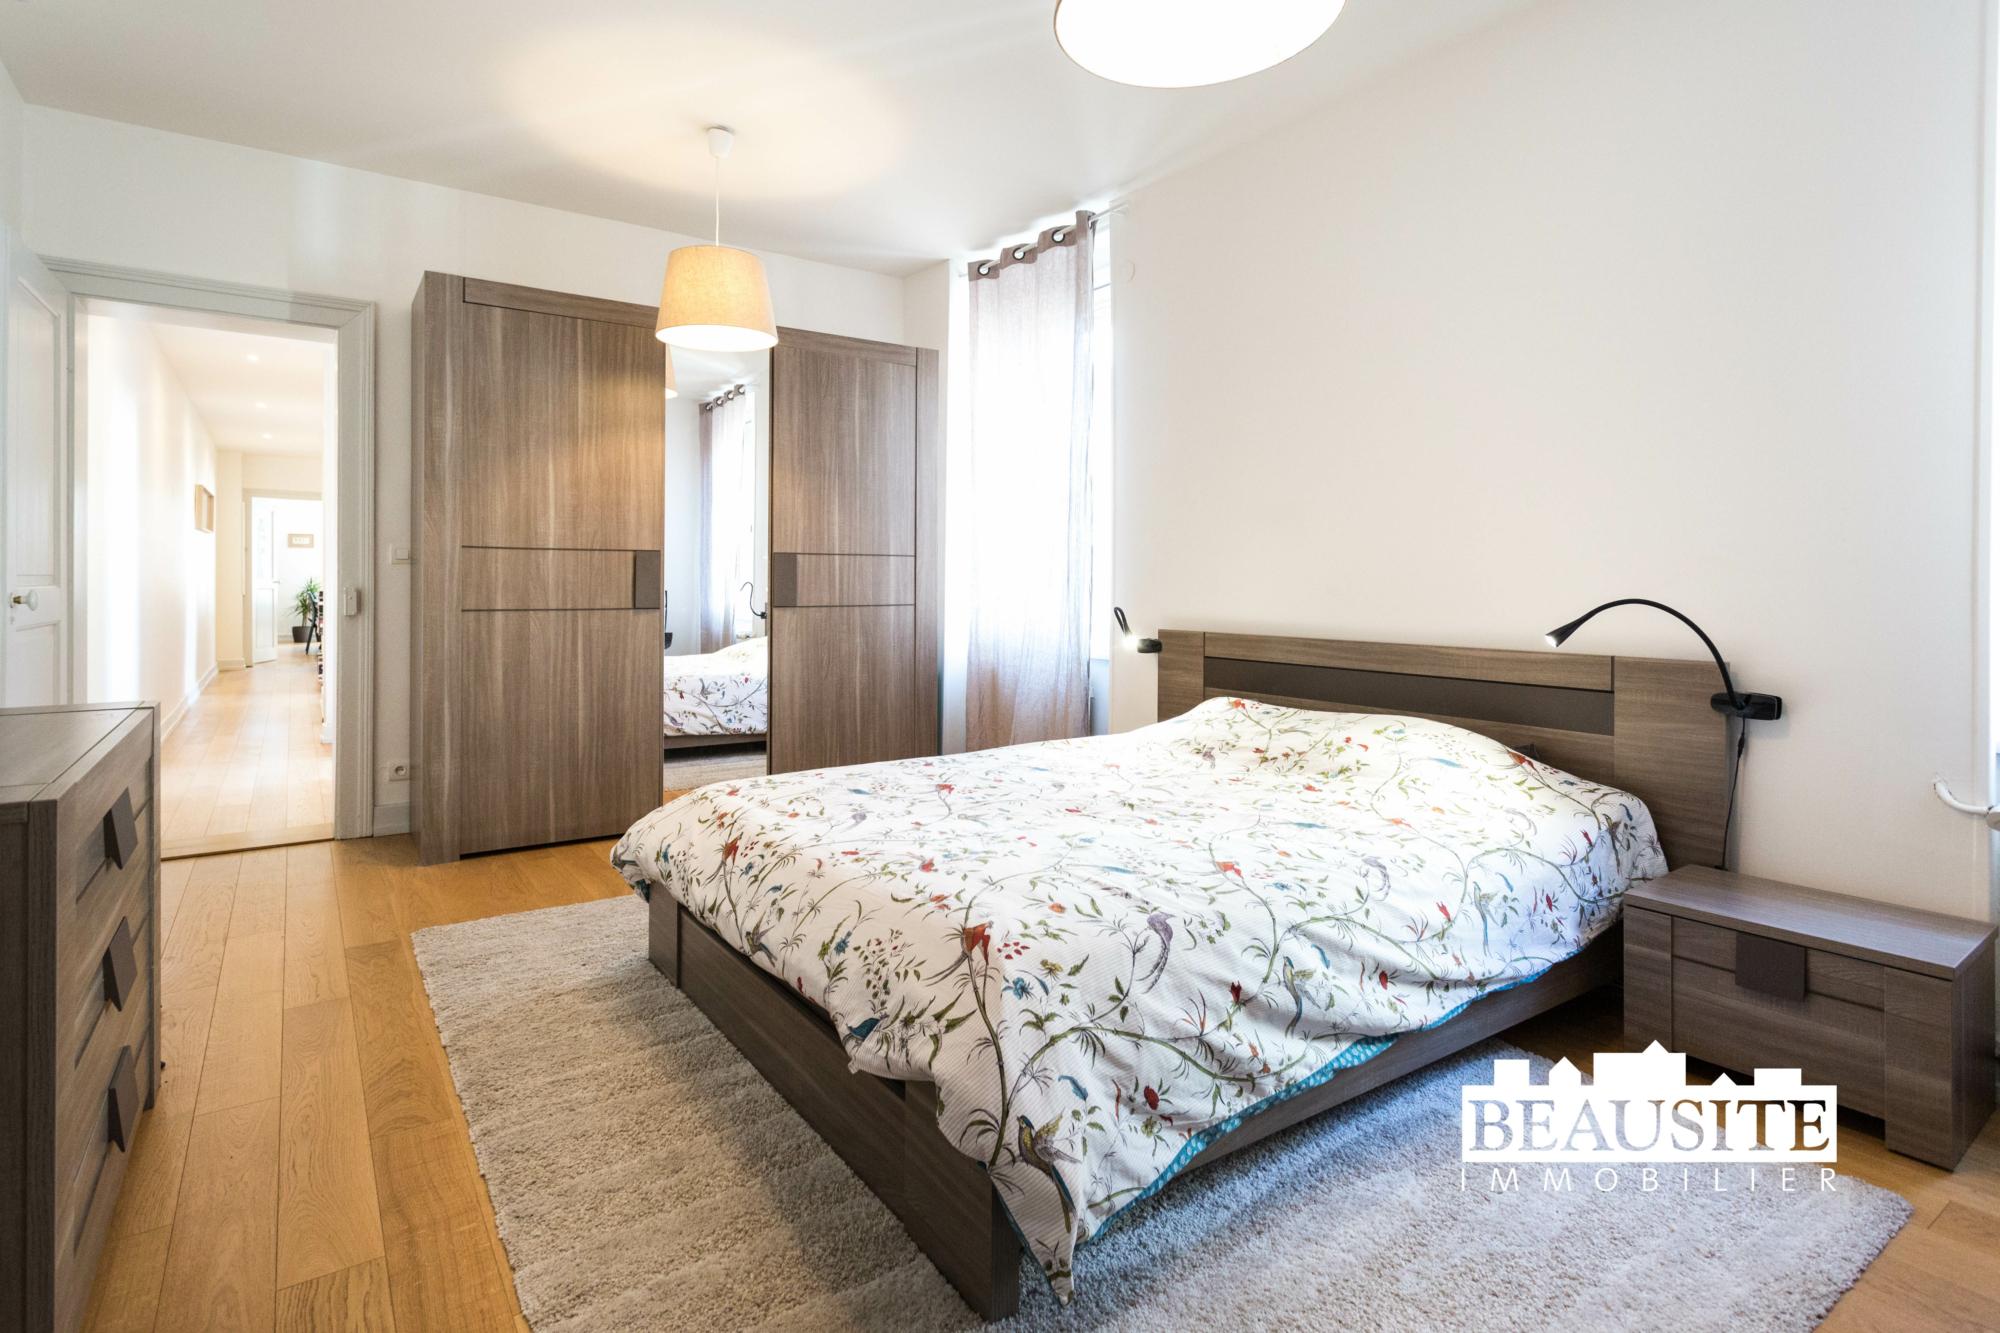 [Sobremesa] L'appartement 5 pièces chaleureux et convivial - Strasbourg / Boulevard du Président Poincaré - nos ventes - Beausite Immobilier 8